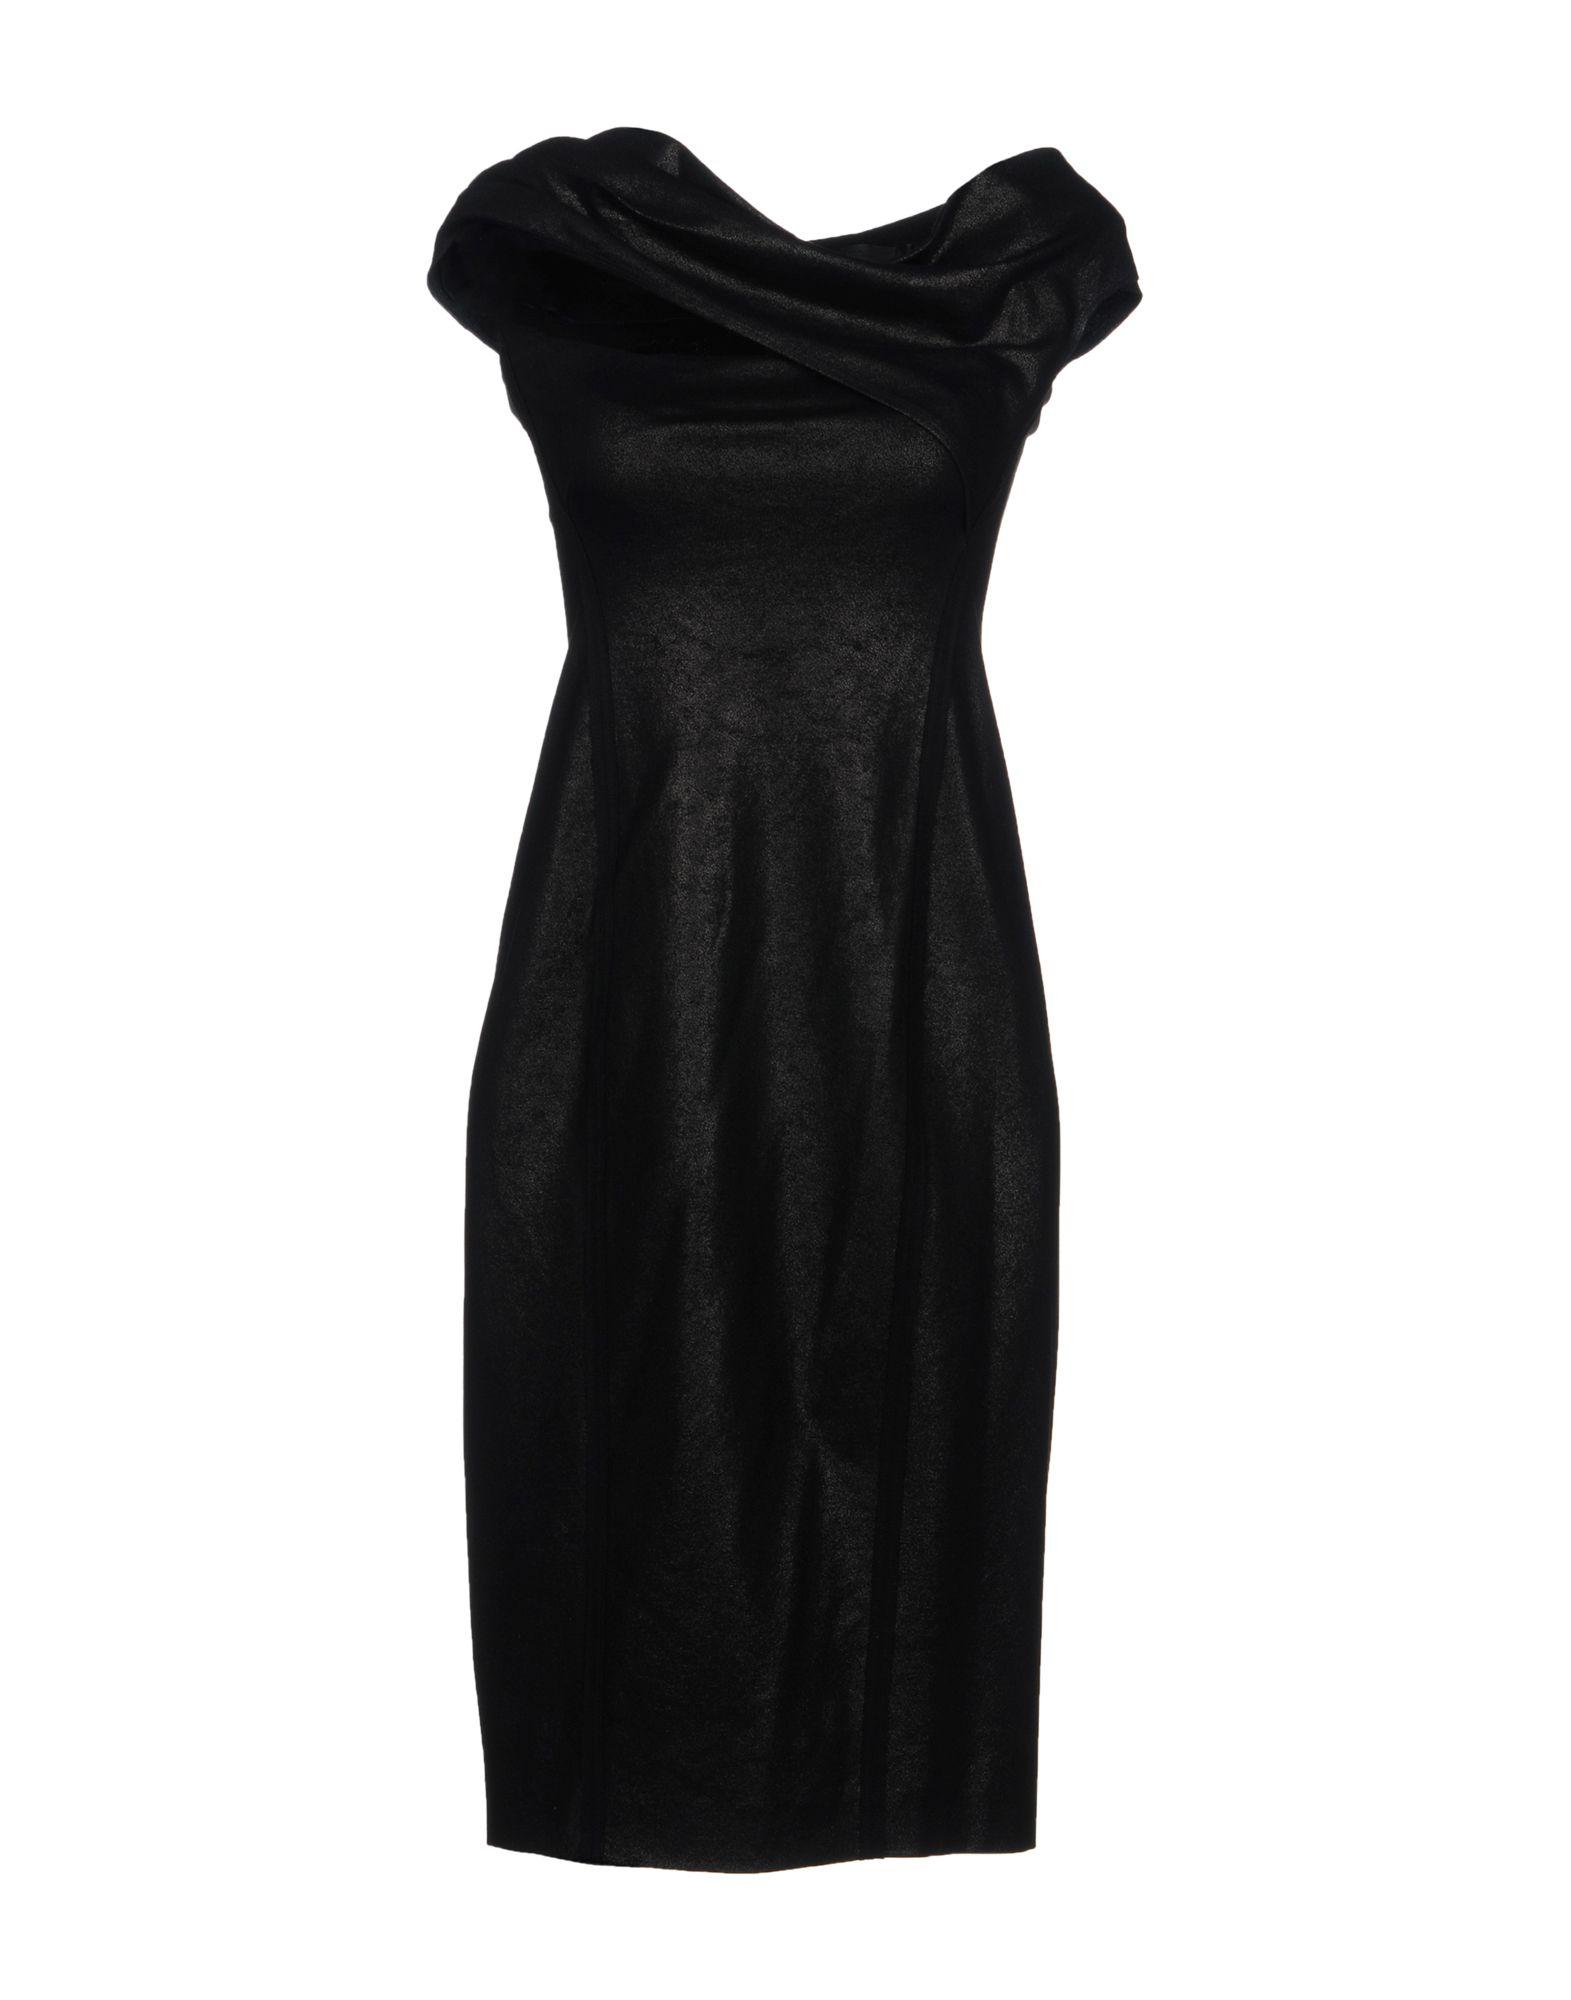 Vestito Corto Donna Karan Donna - Acquista online su JHLES4B